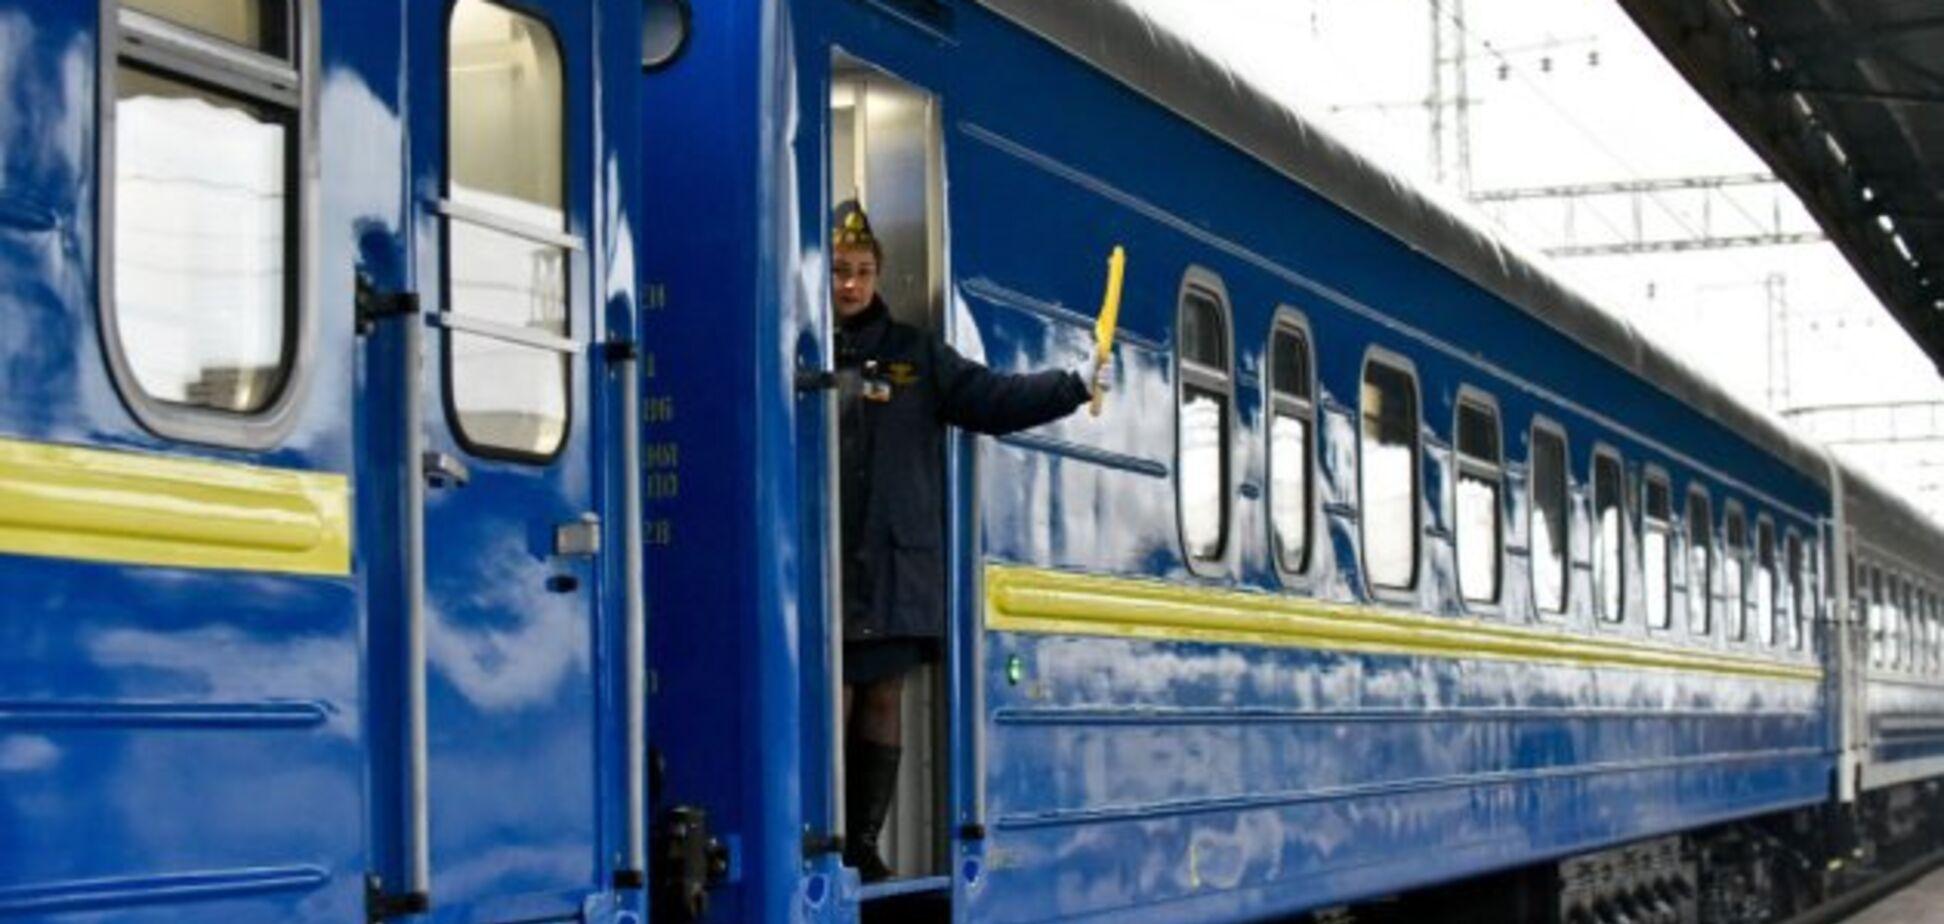 'Укрзалізницю' обвинили в нарушении законодательства при поставках газа